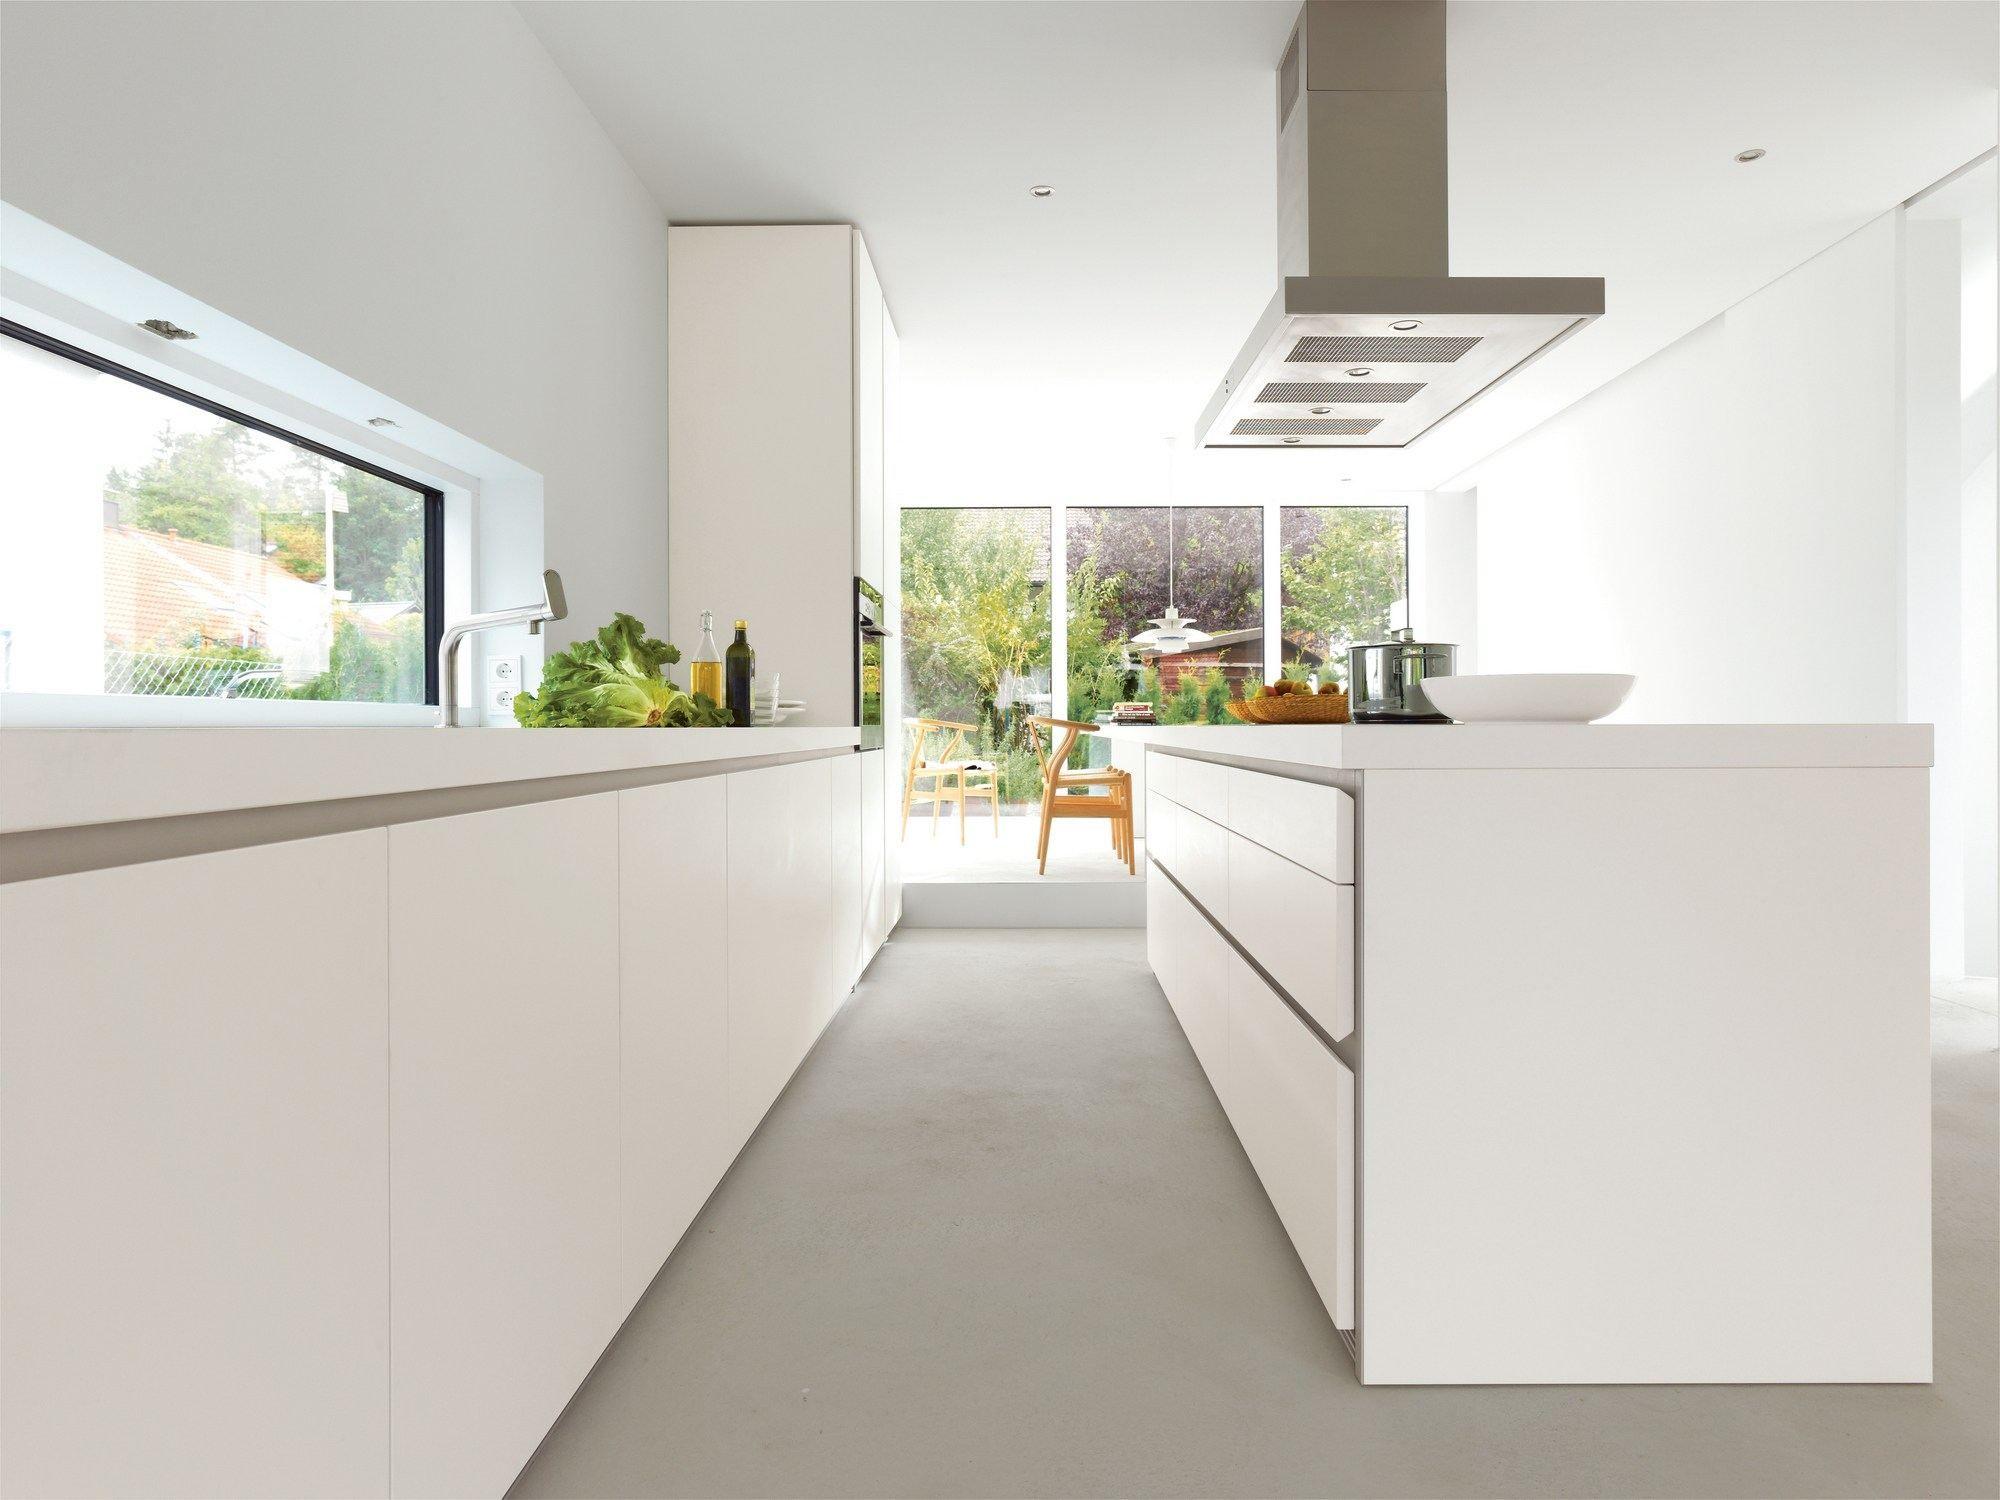 B1 Küche mit Kücheninsel by Bulthaup | Küche | Pinterest ...